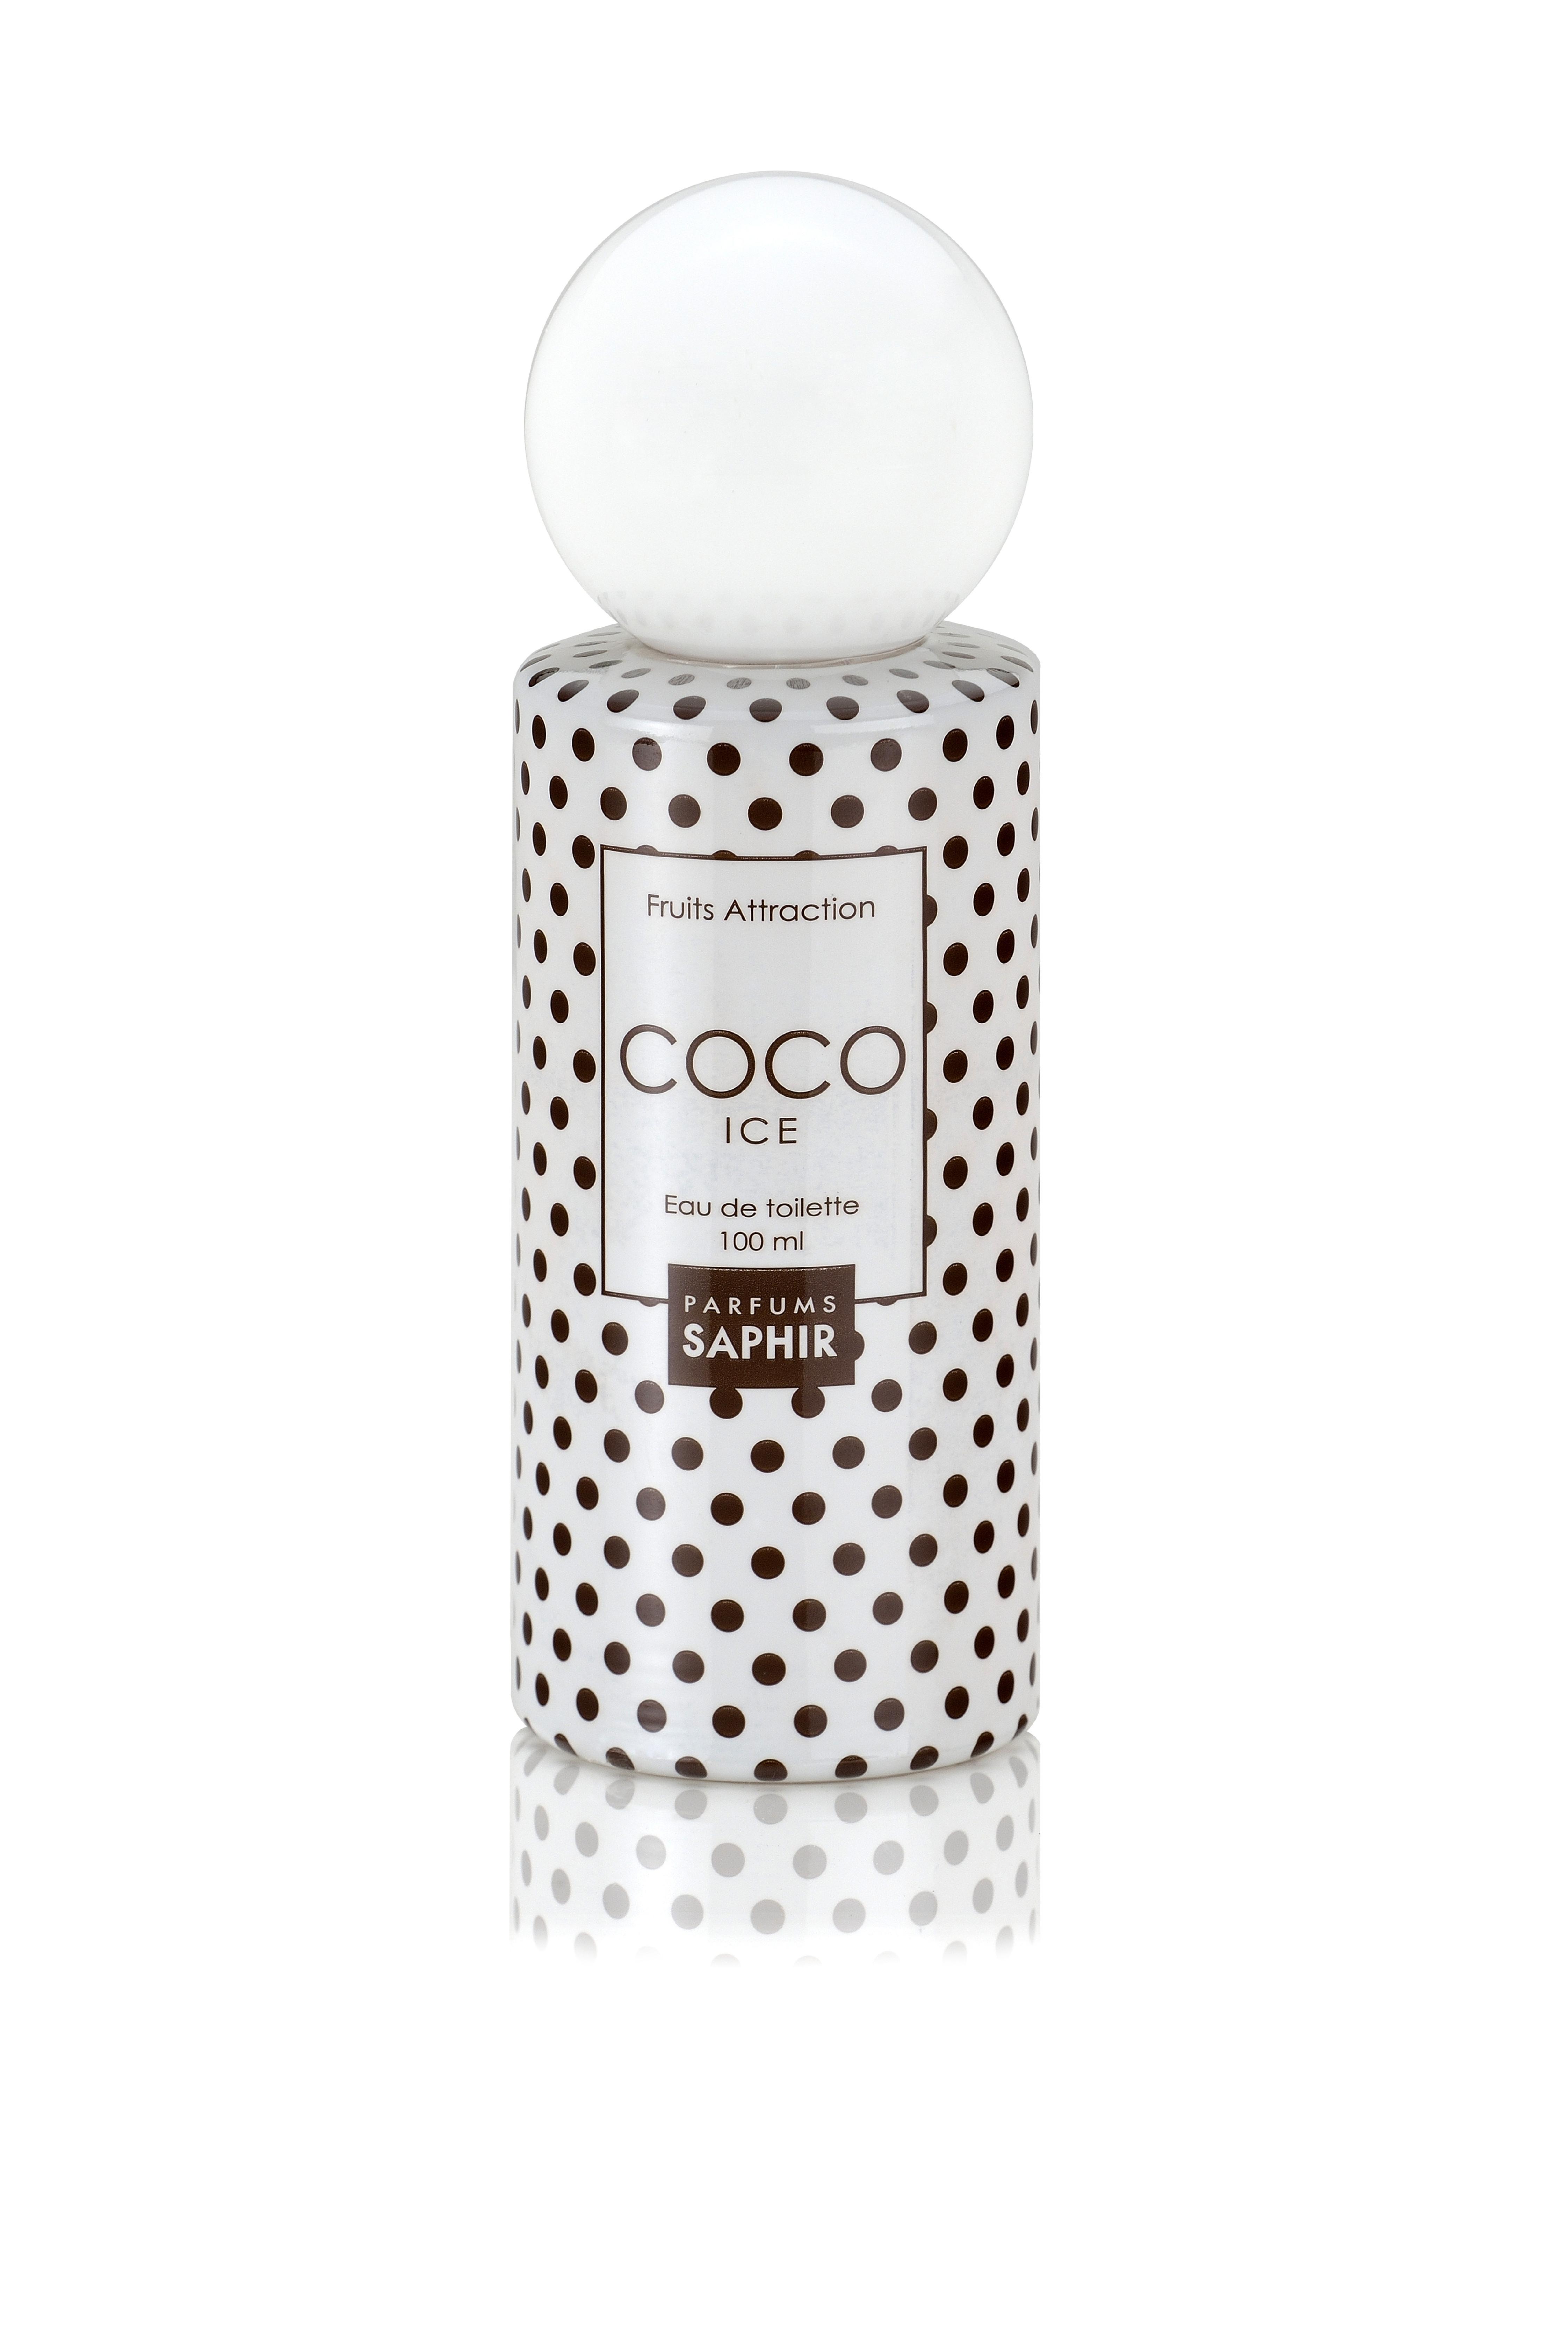 SAPHIR - Coco Ice